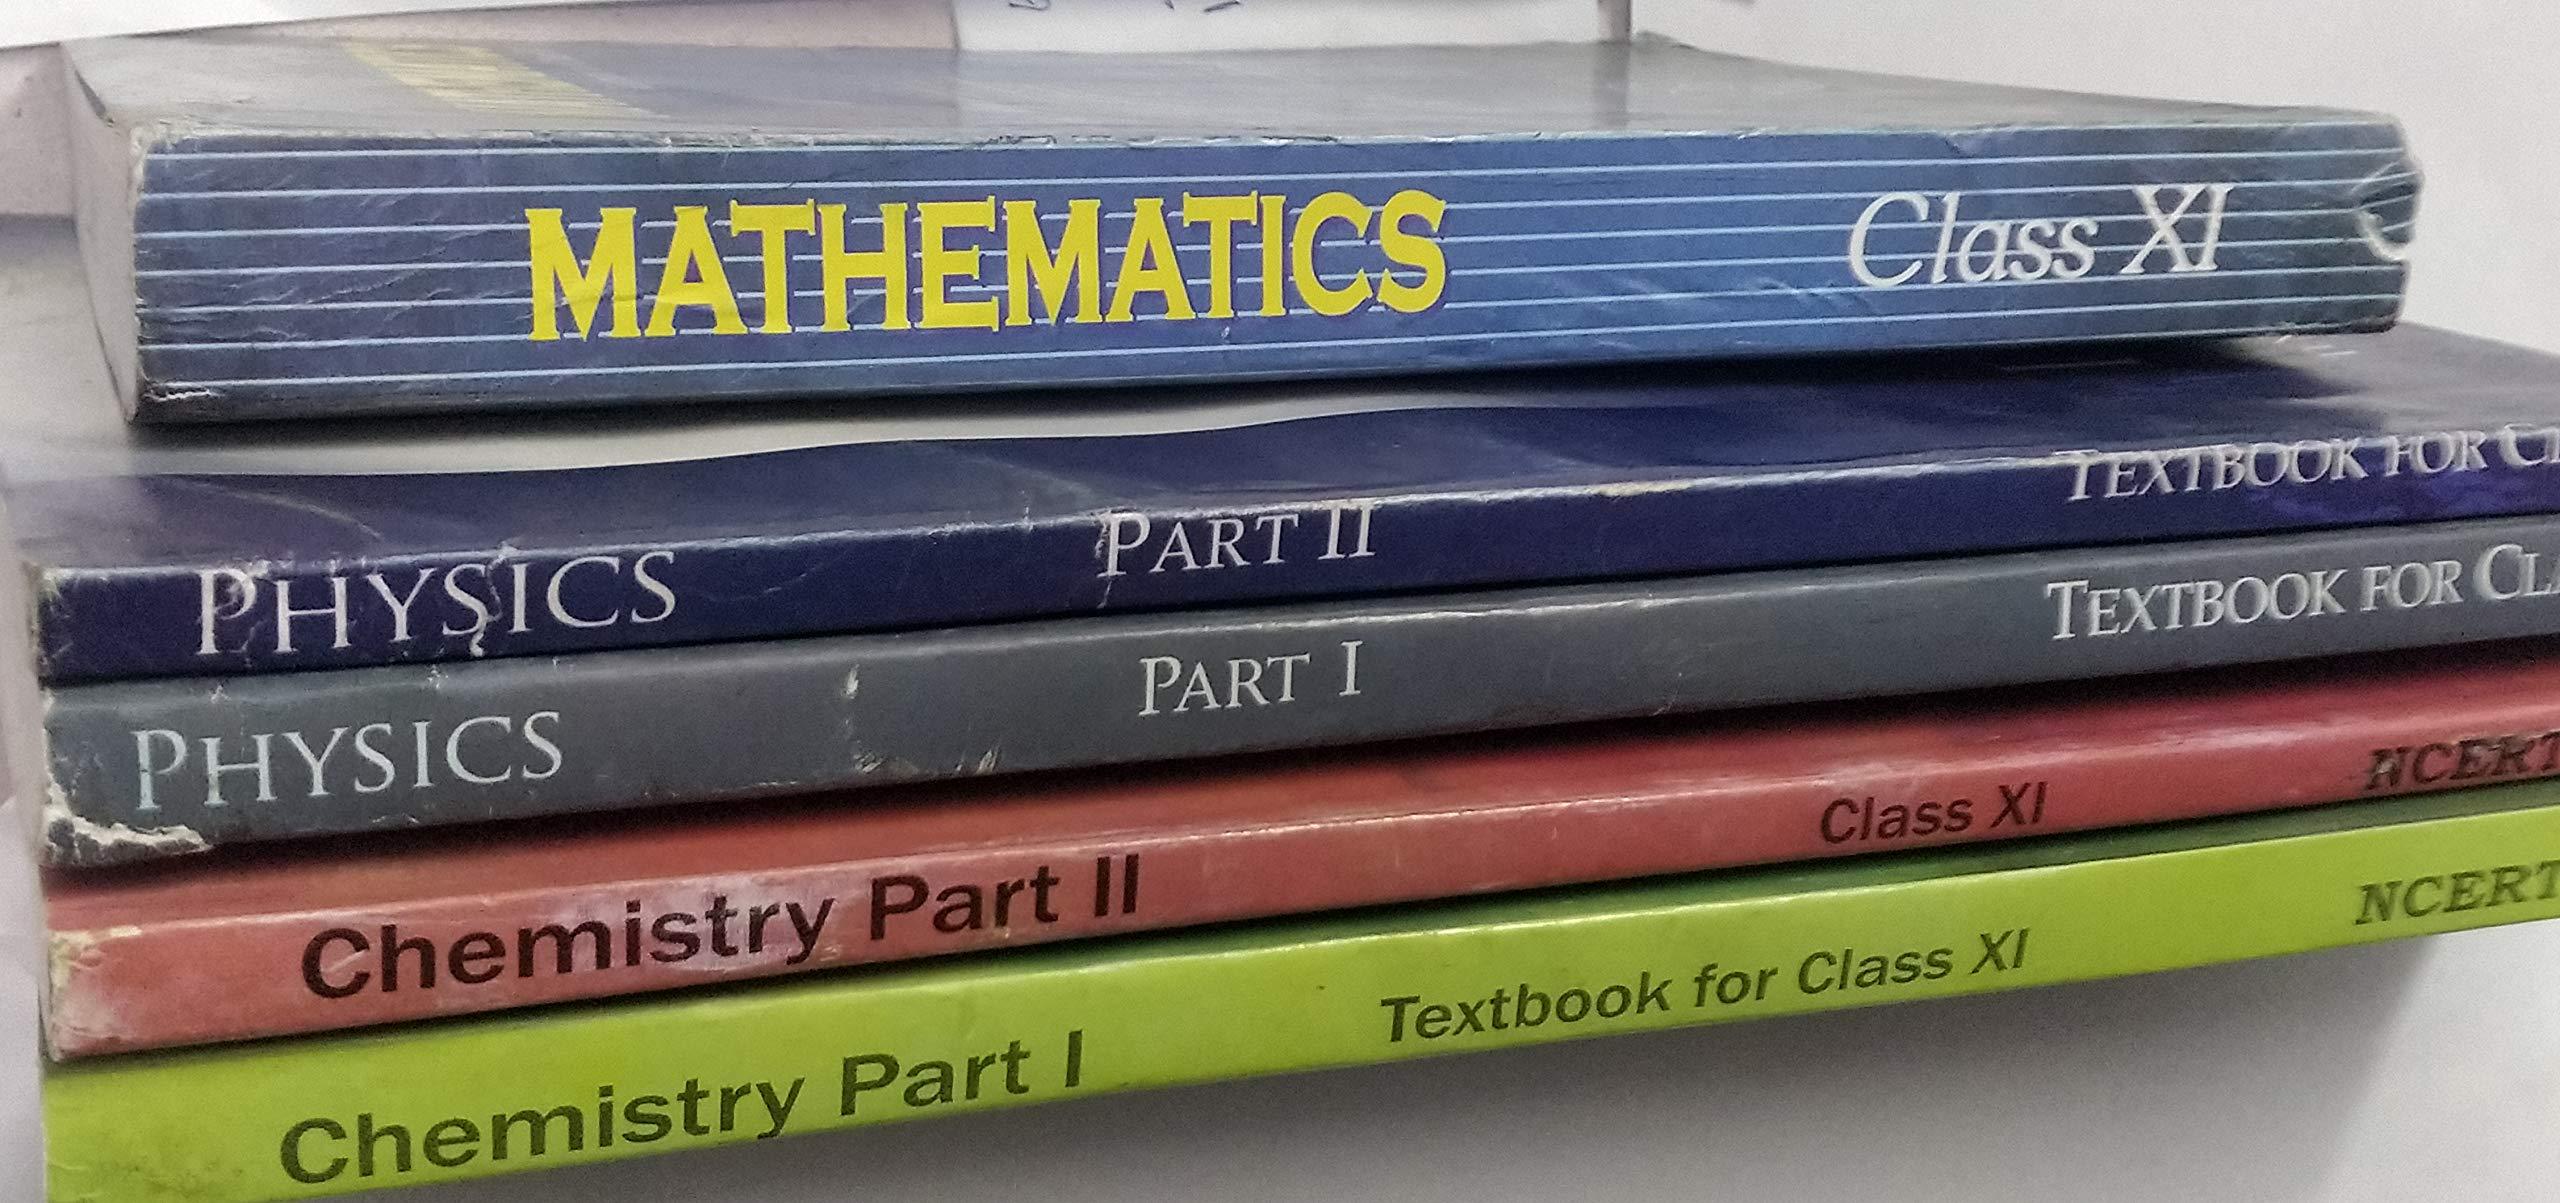 Ncert textbook class 11 biology pdf | NCERT Solutions for Class 11